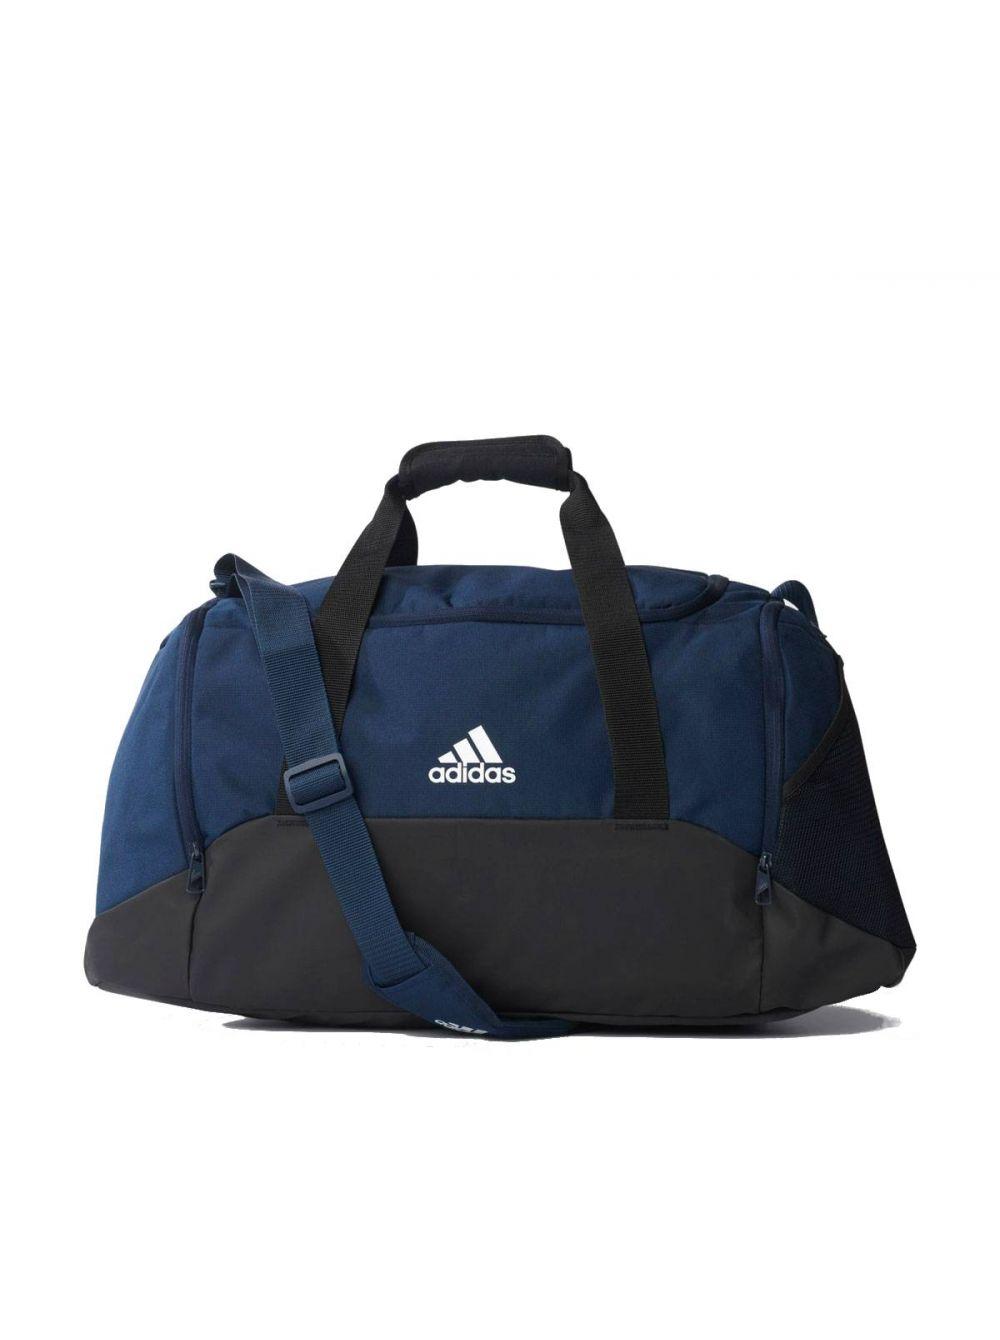 3cec18aa8621 Купить спортивную сумку «Adidas X 17.2 Teambag M» сине-черную